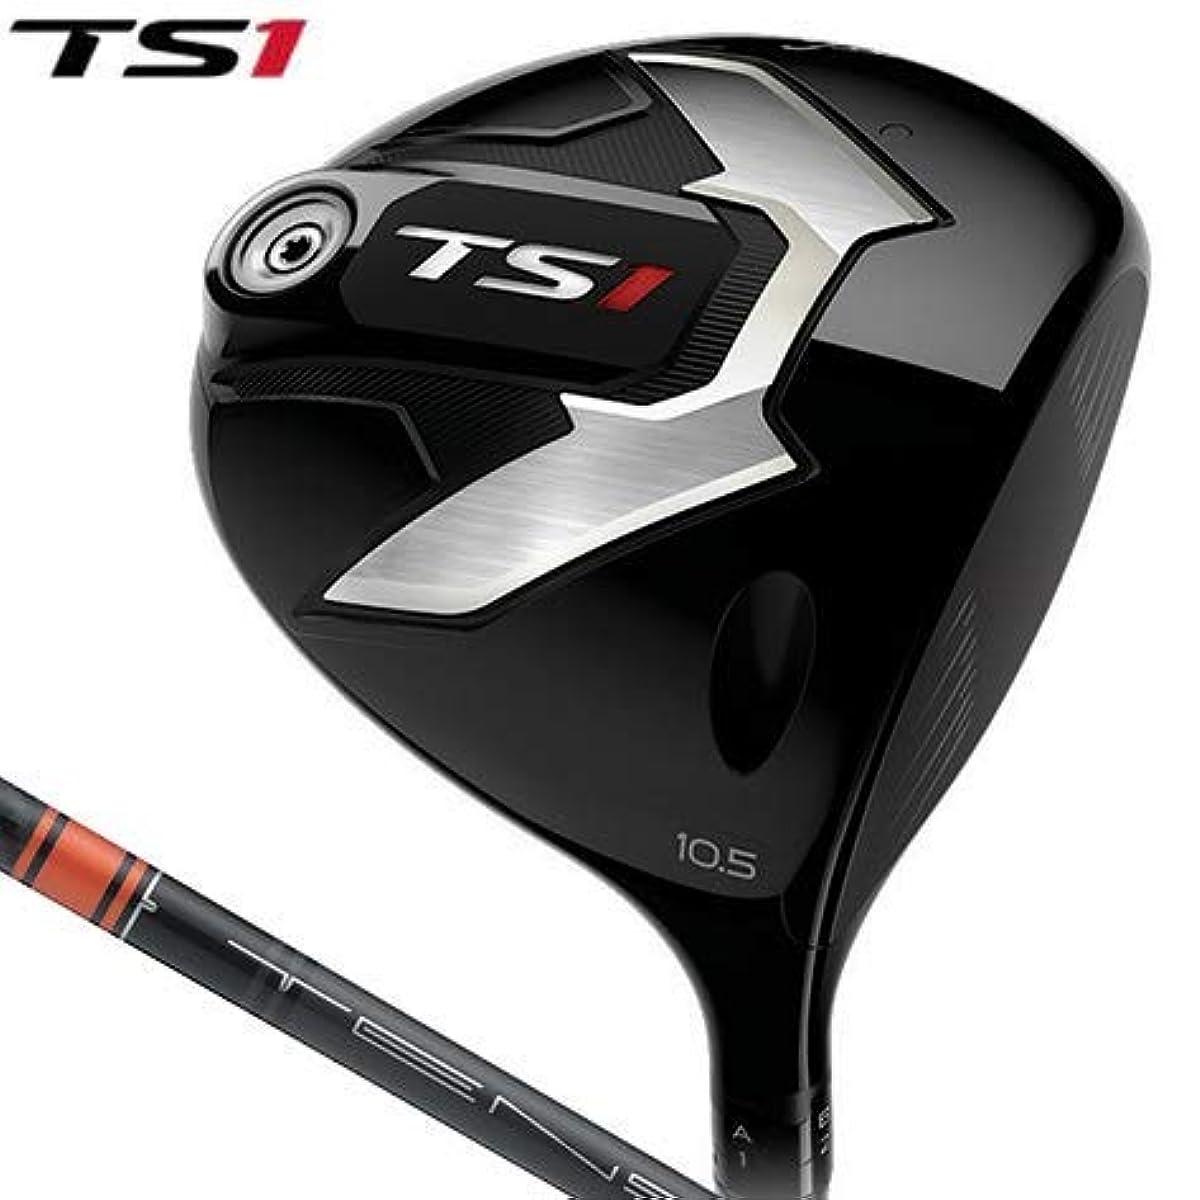 [해외] TITLEIST(퍼터이틀리스트) TS1 드라이어이버 TENSEI CK PRO ORANGE 60 (텐세이CK프로 오렌지60) 카본 샤프트 맨즈 골프 클럽 오른손잡이용